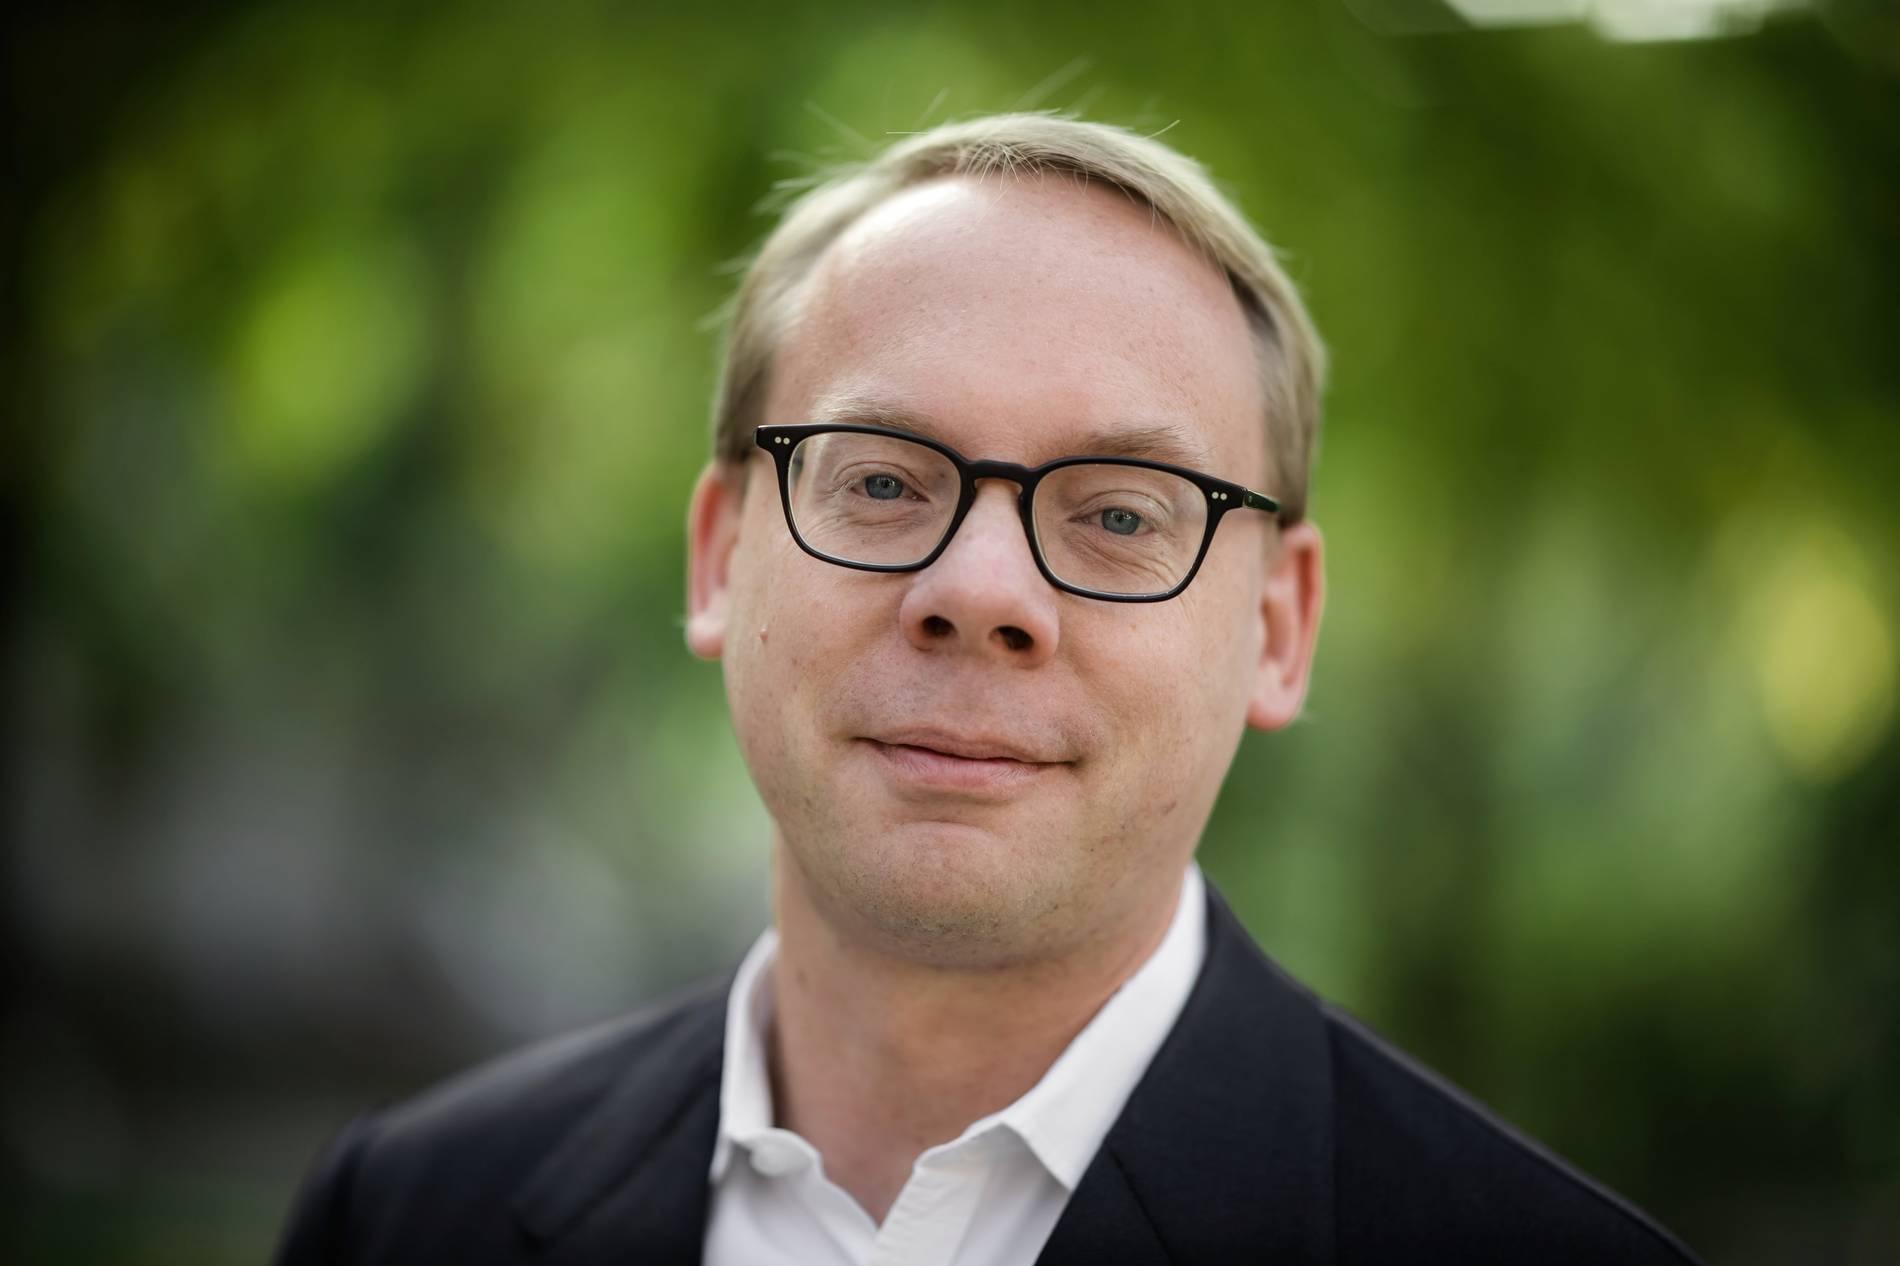 Bildergebnis für Christian Herrendorf, Lokalchef WZ